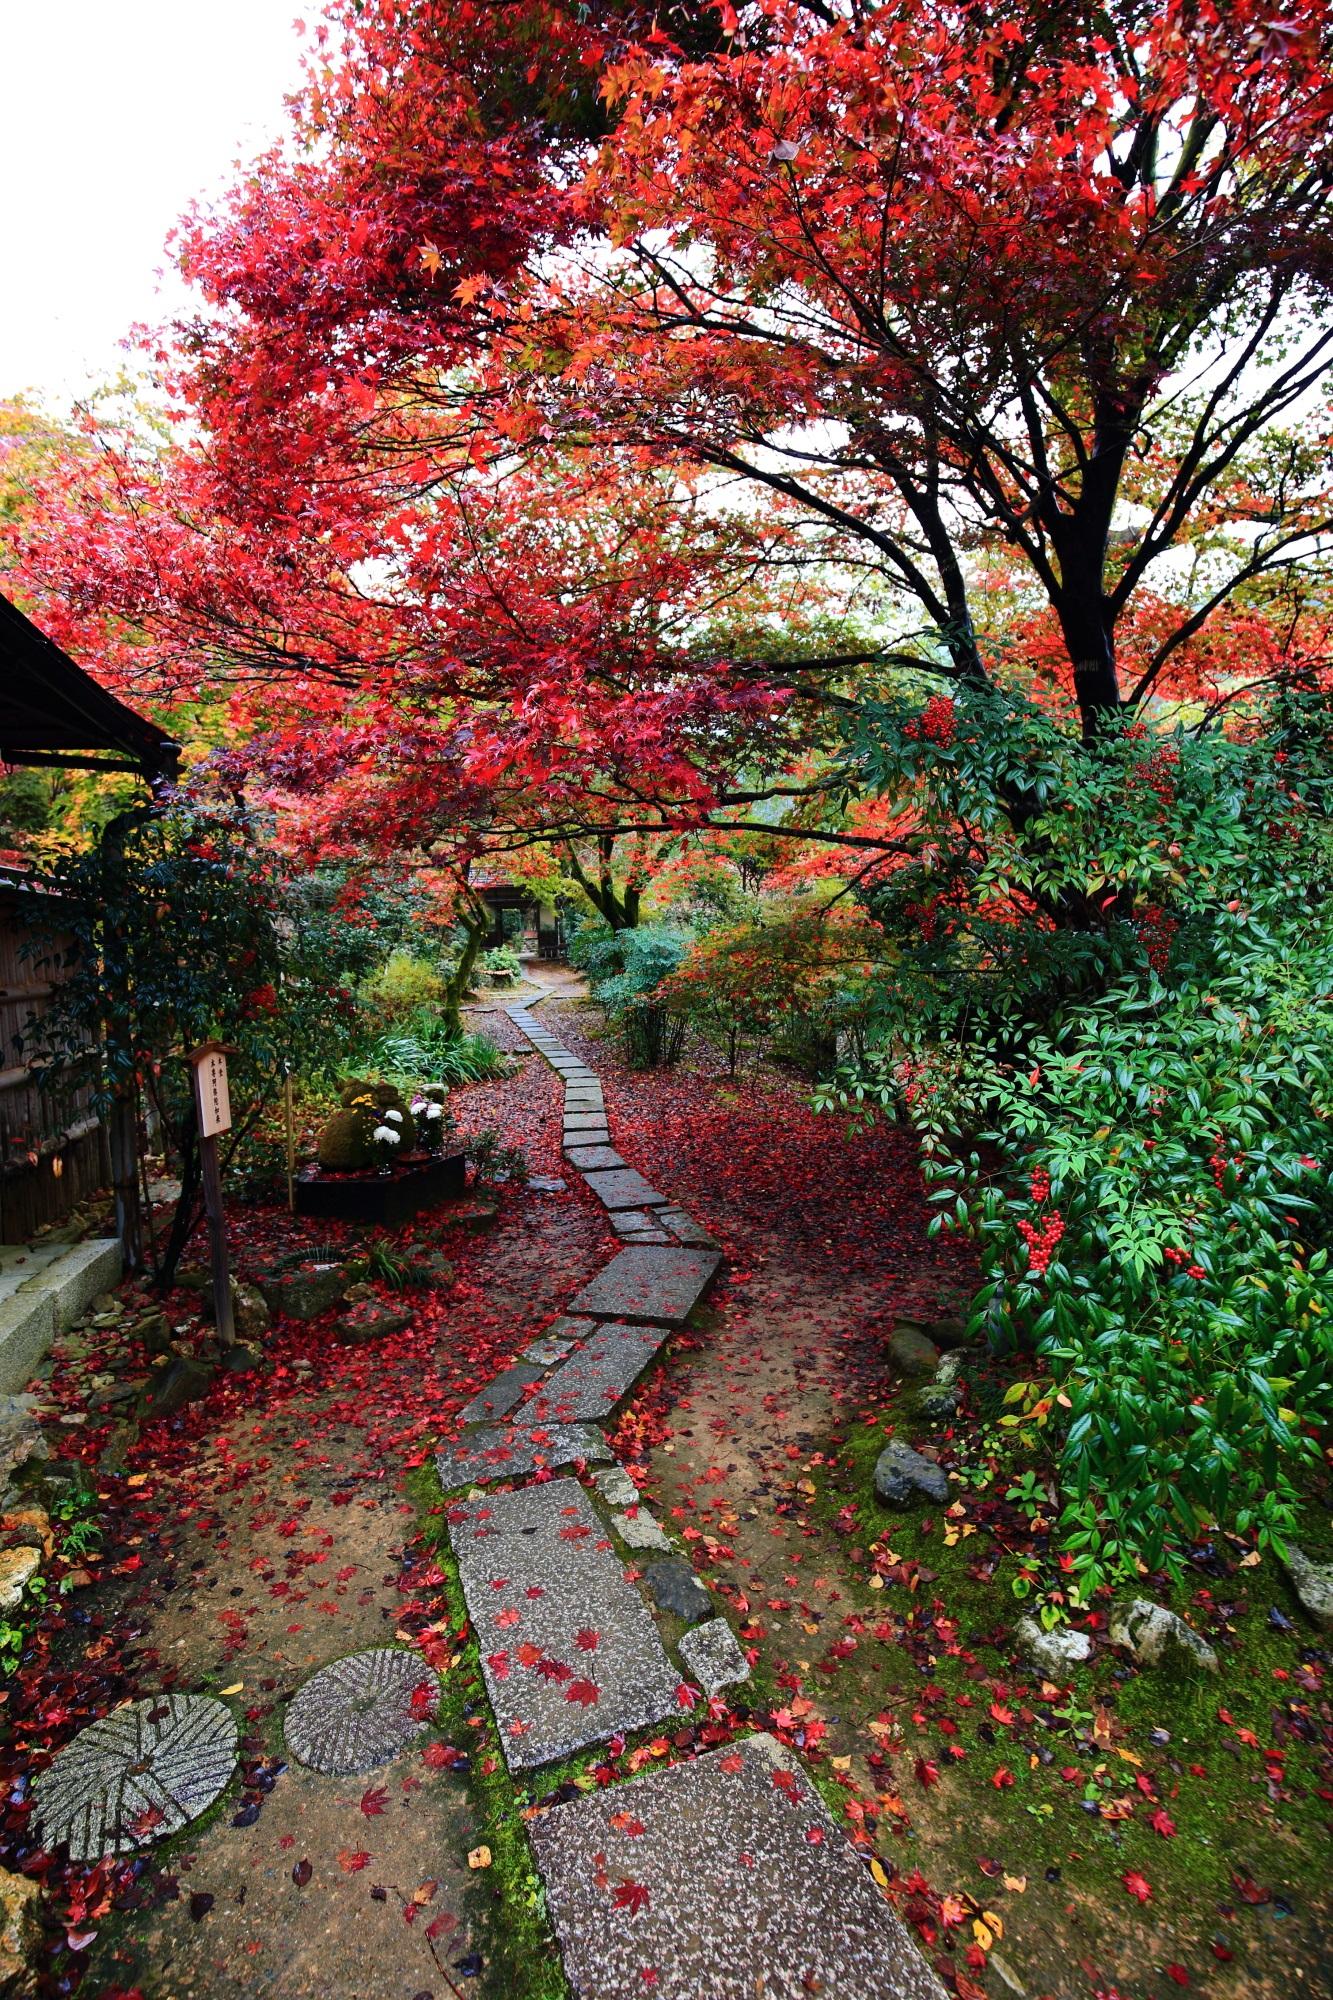 嵯峨直指庵の本堂前の雨に濡れた美しい紅葉と散りもみじ